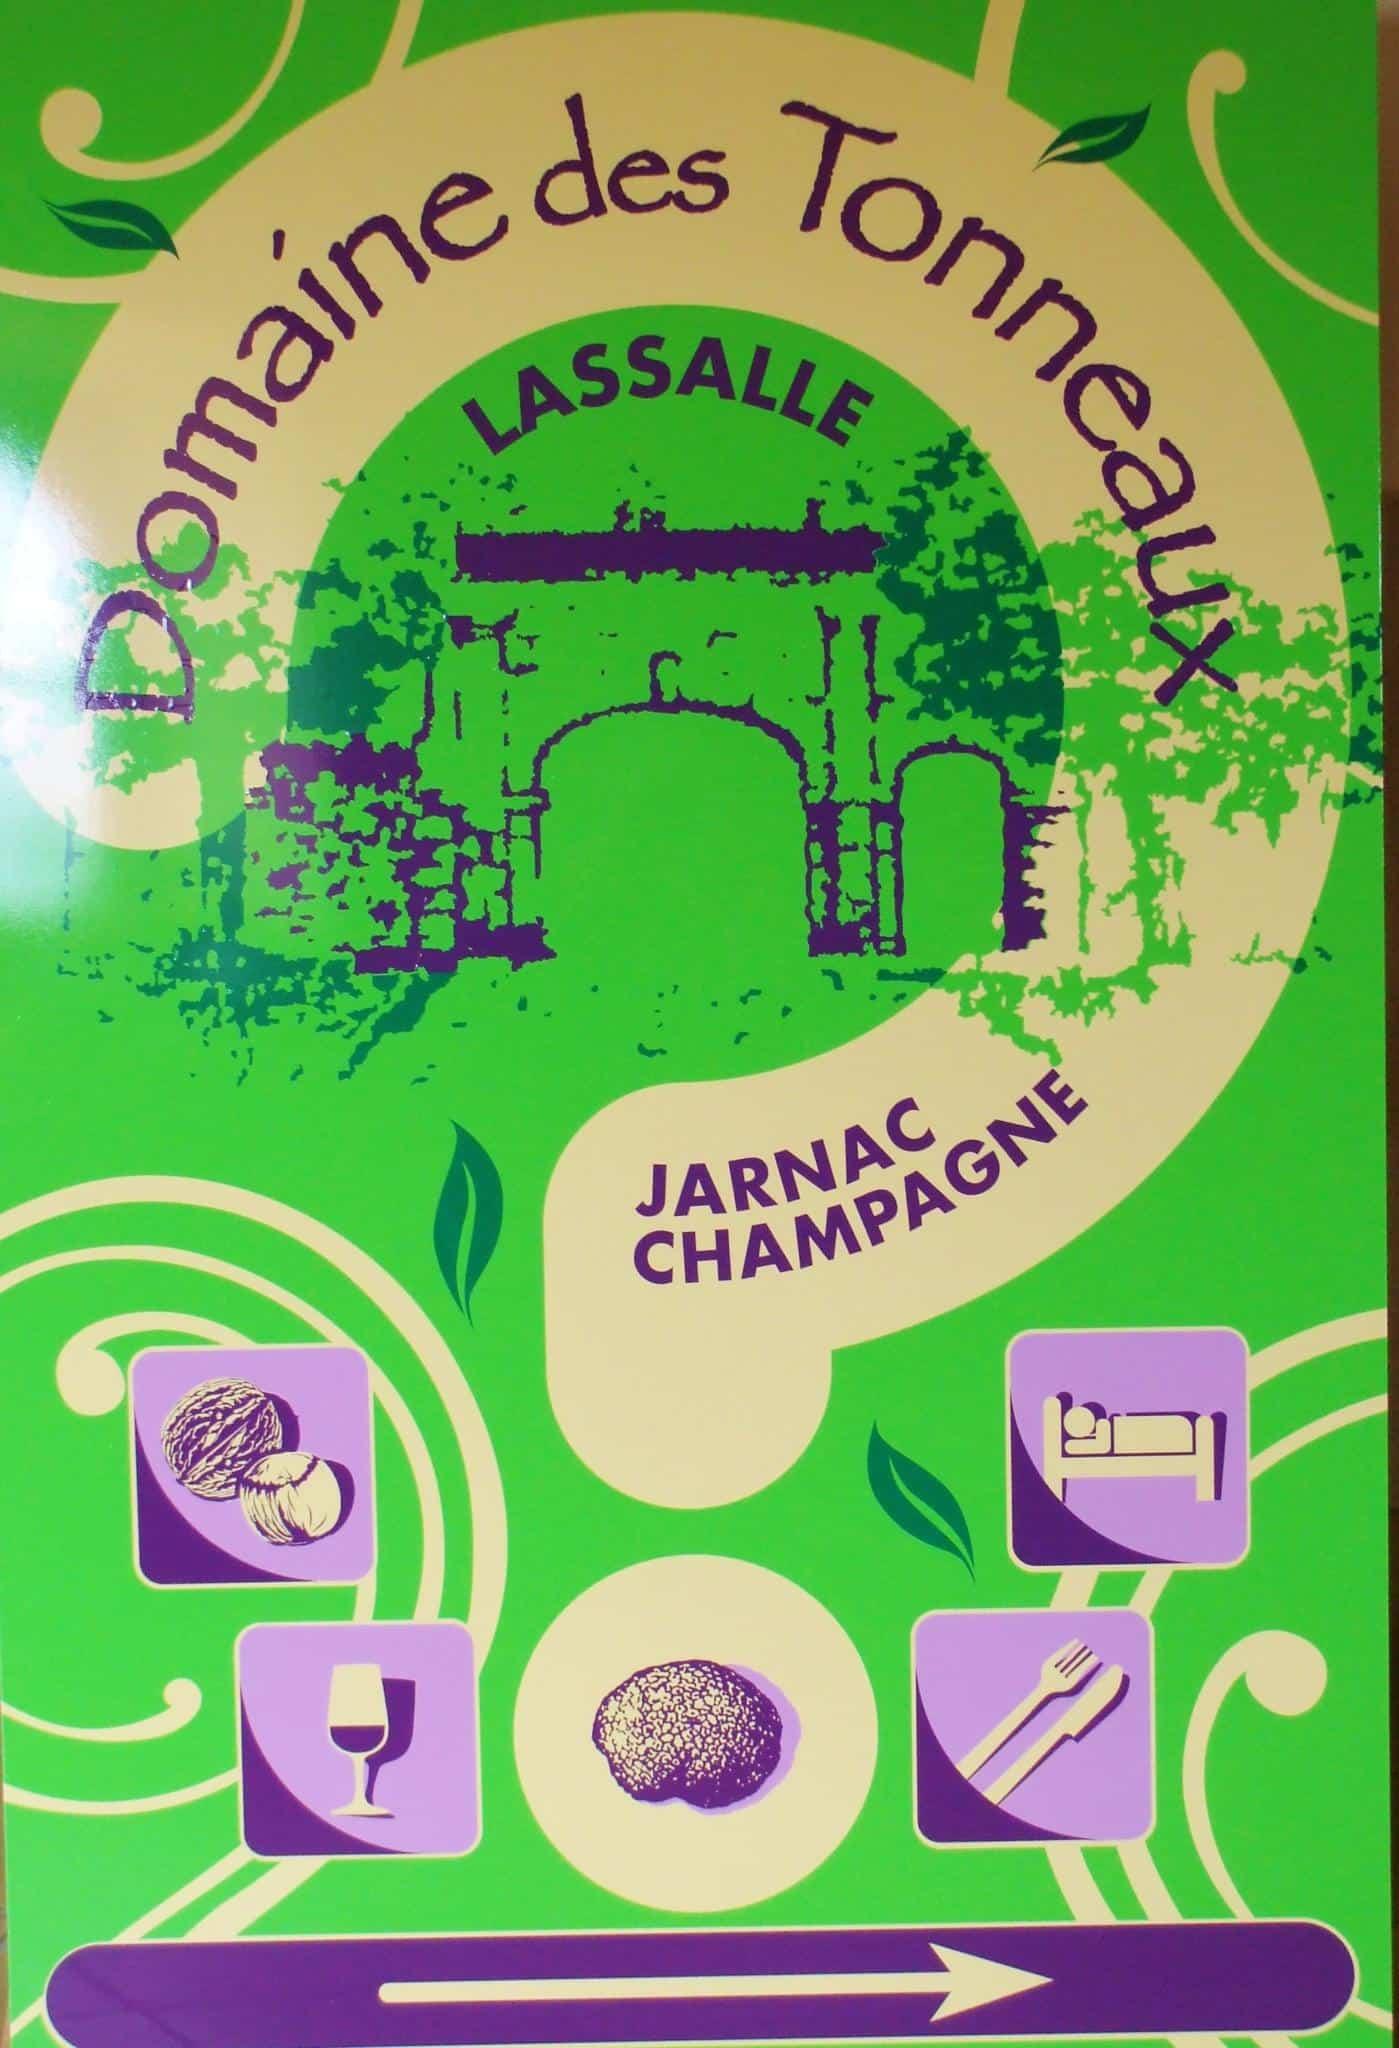 Lassalle – Domaine des Tonneaux